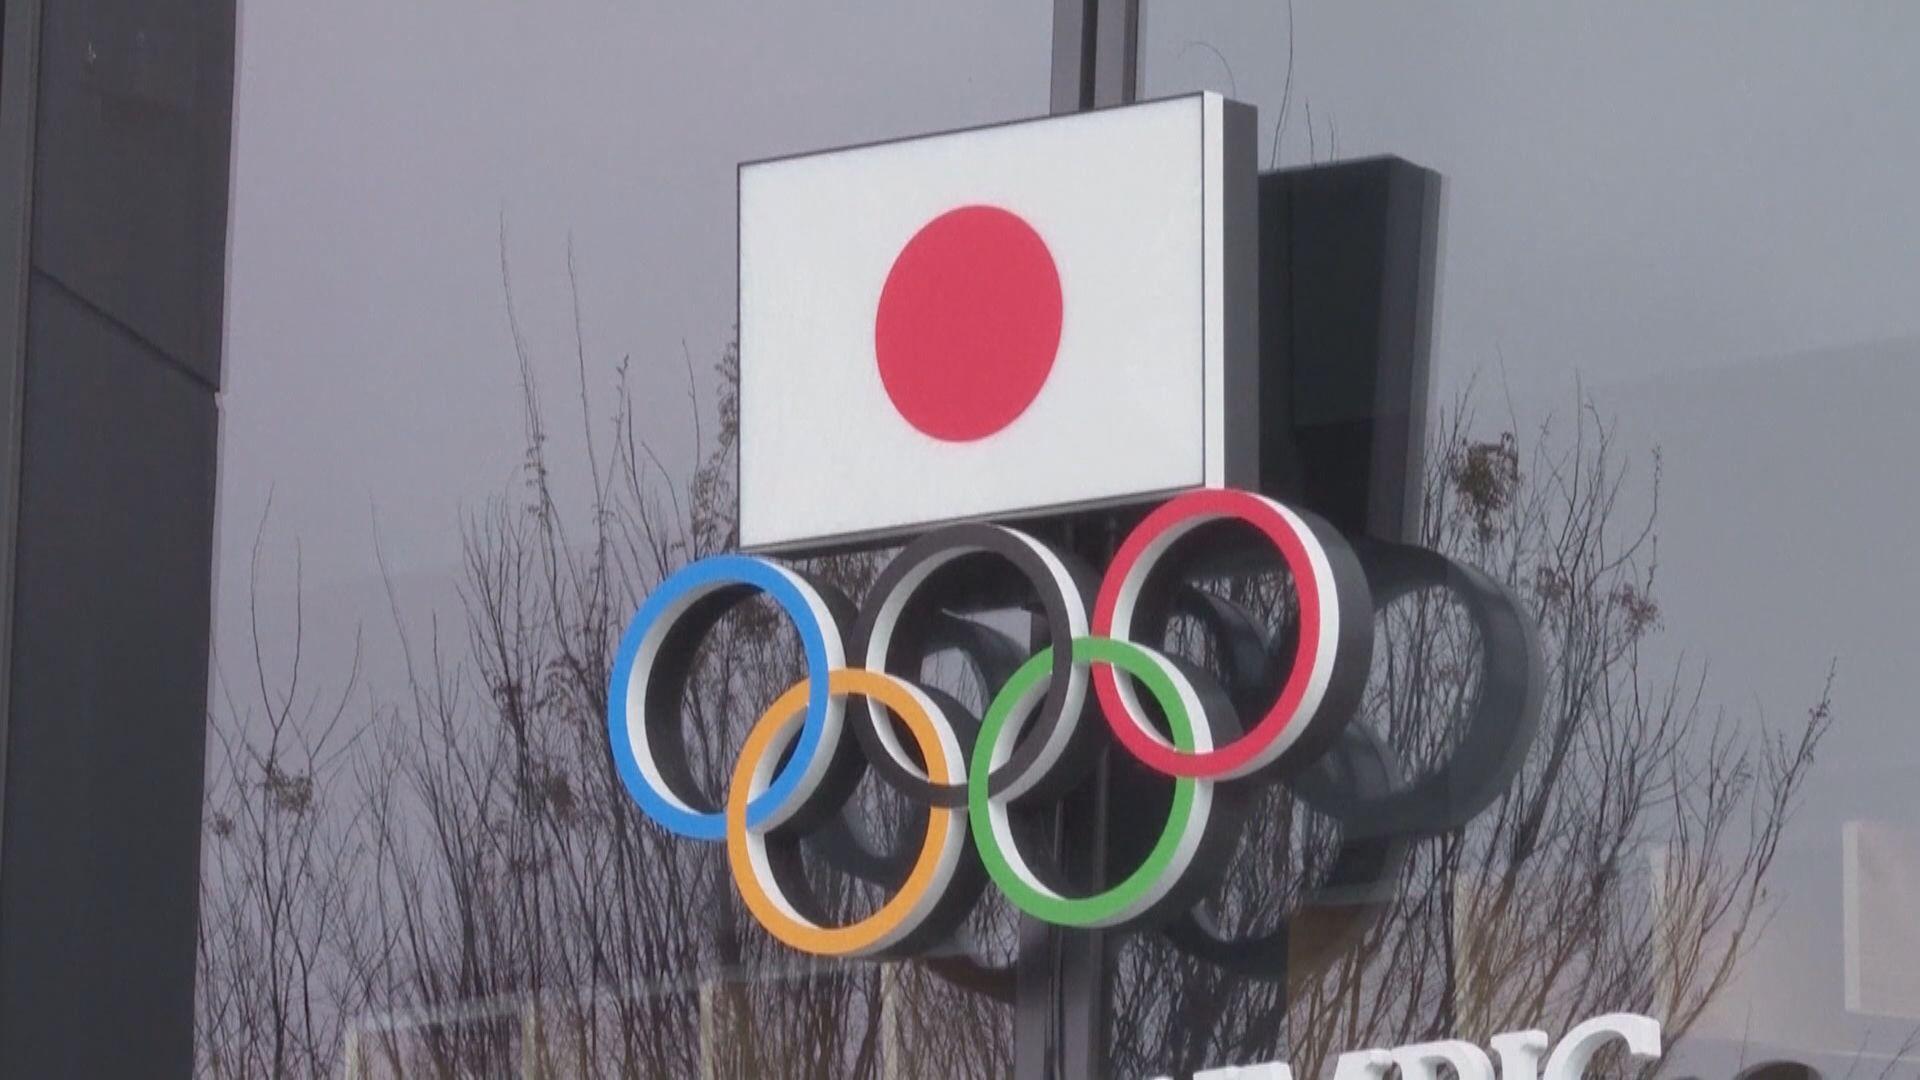 東京奧運簡化項目 料減約22億港元經費